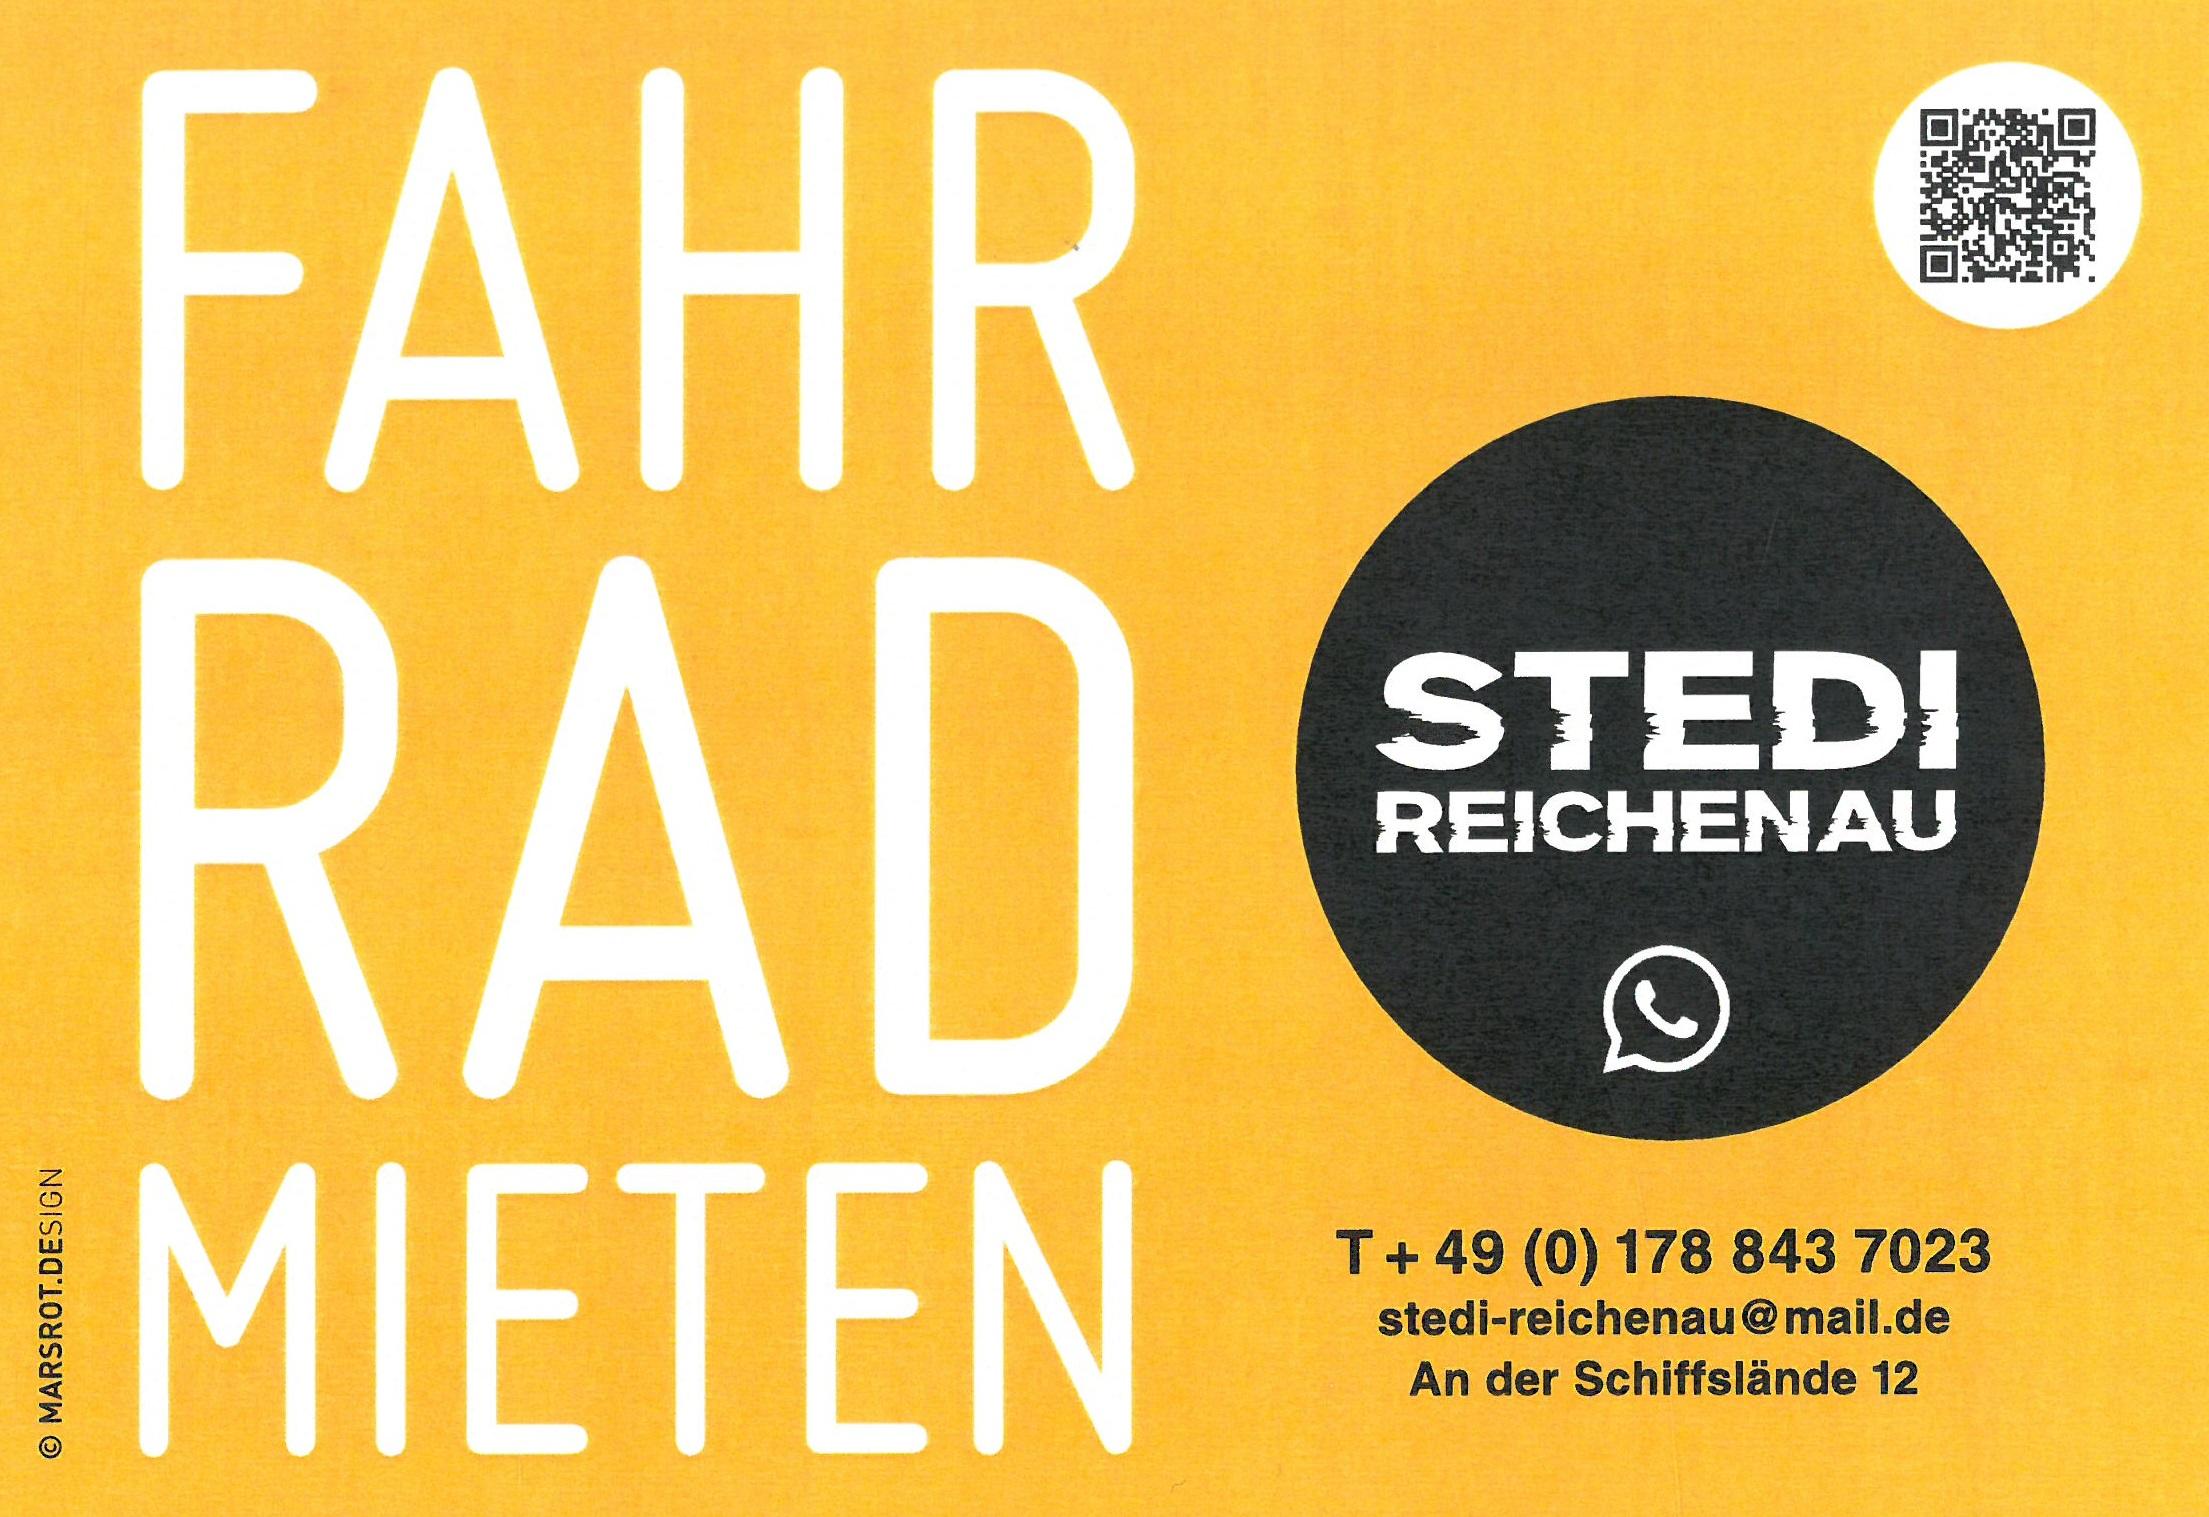 STEDI Reichenau